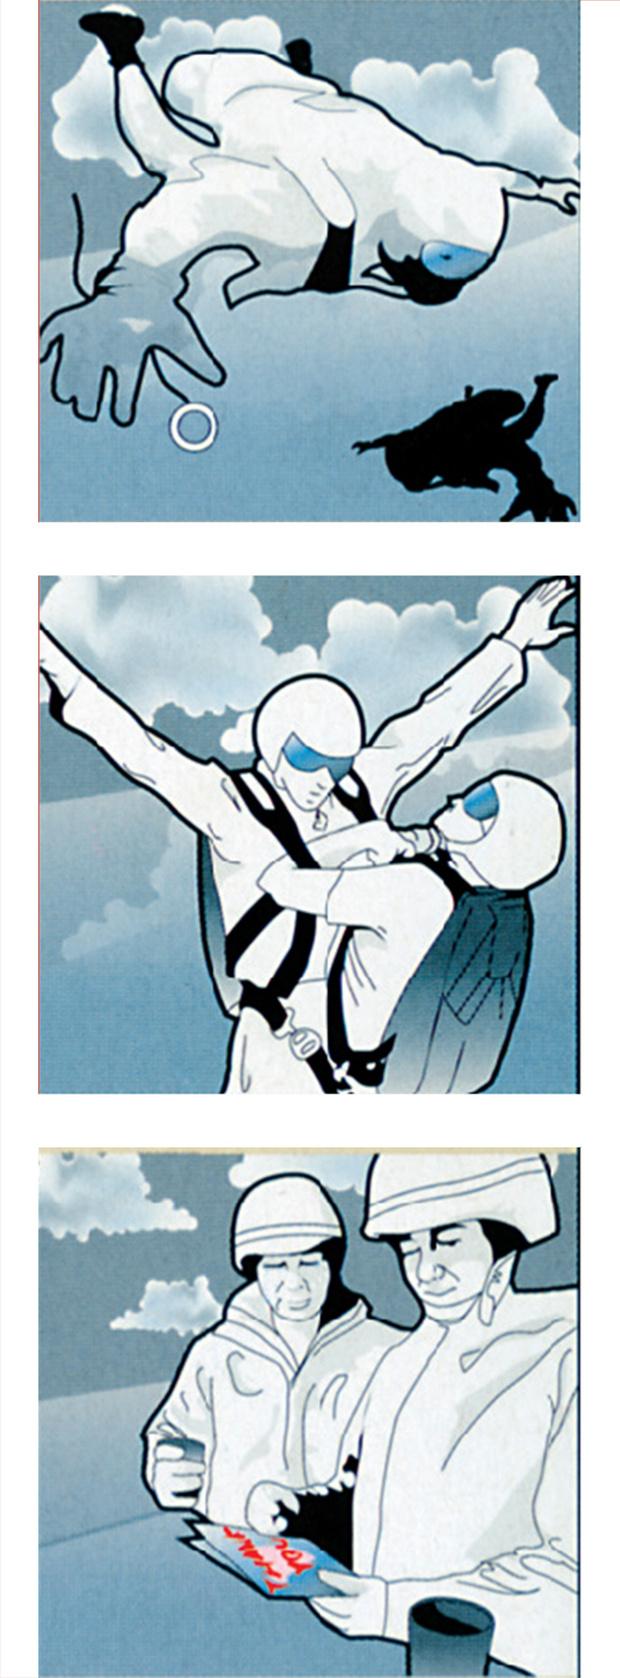 Фото №1 - Как выжить, если парашют не раскрылся